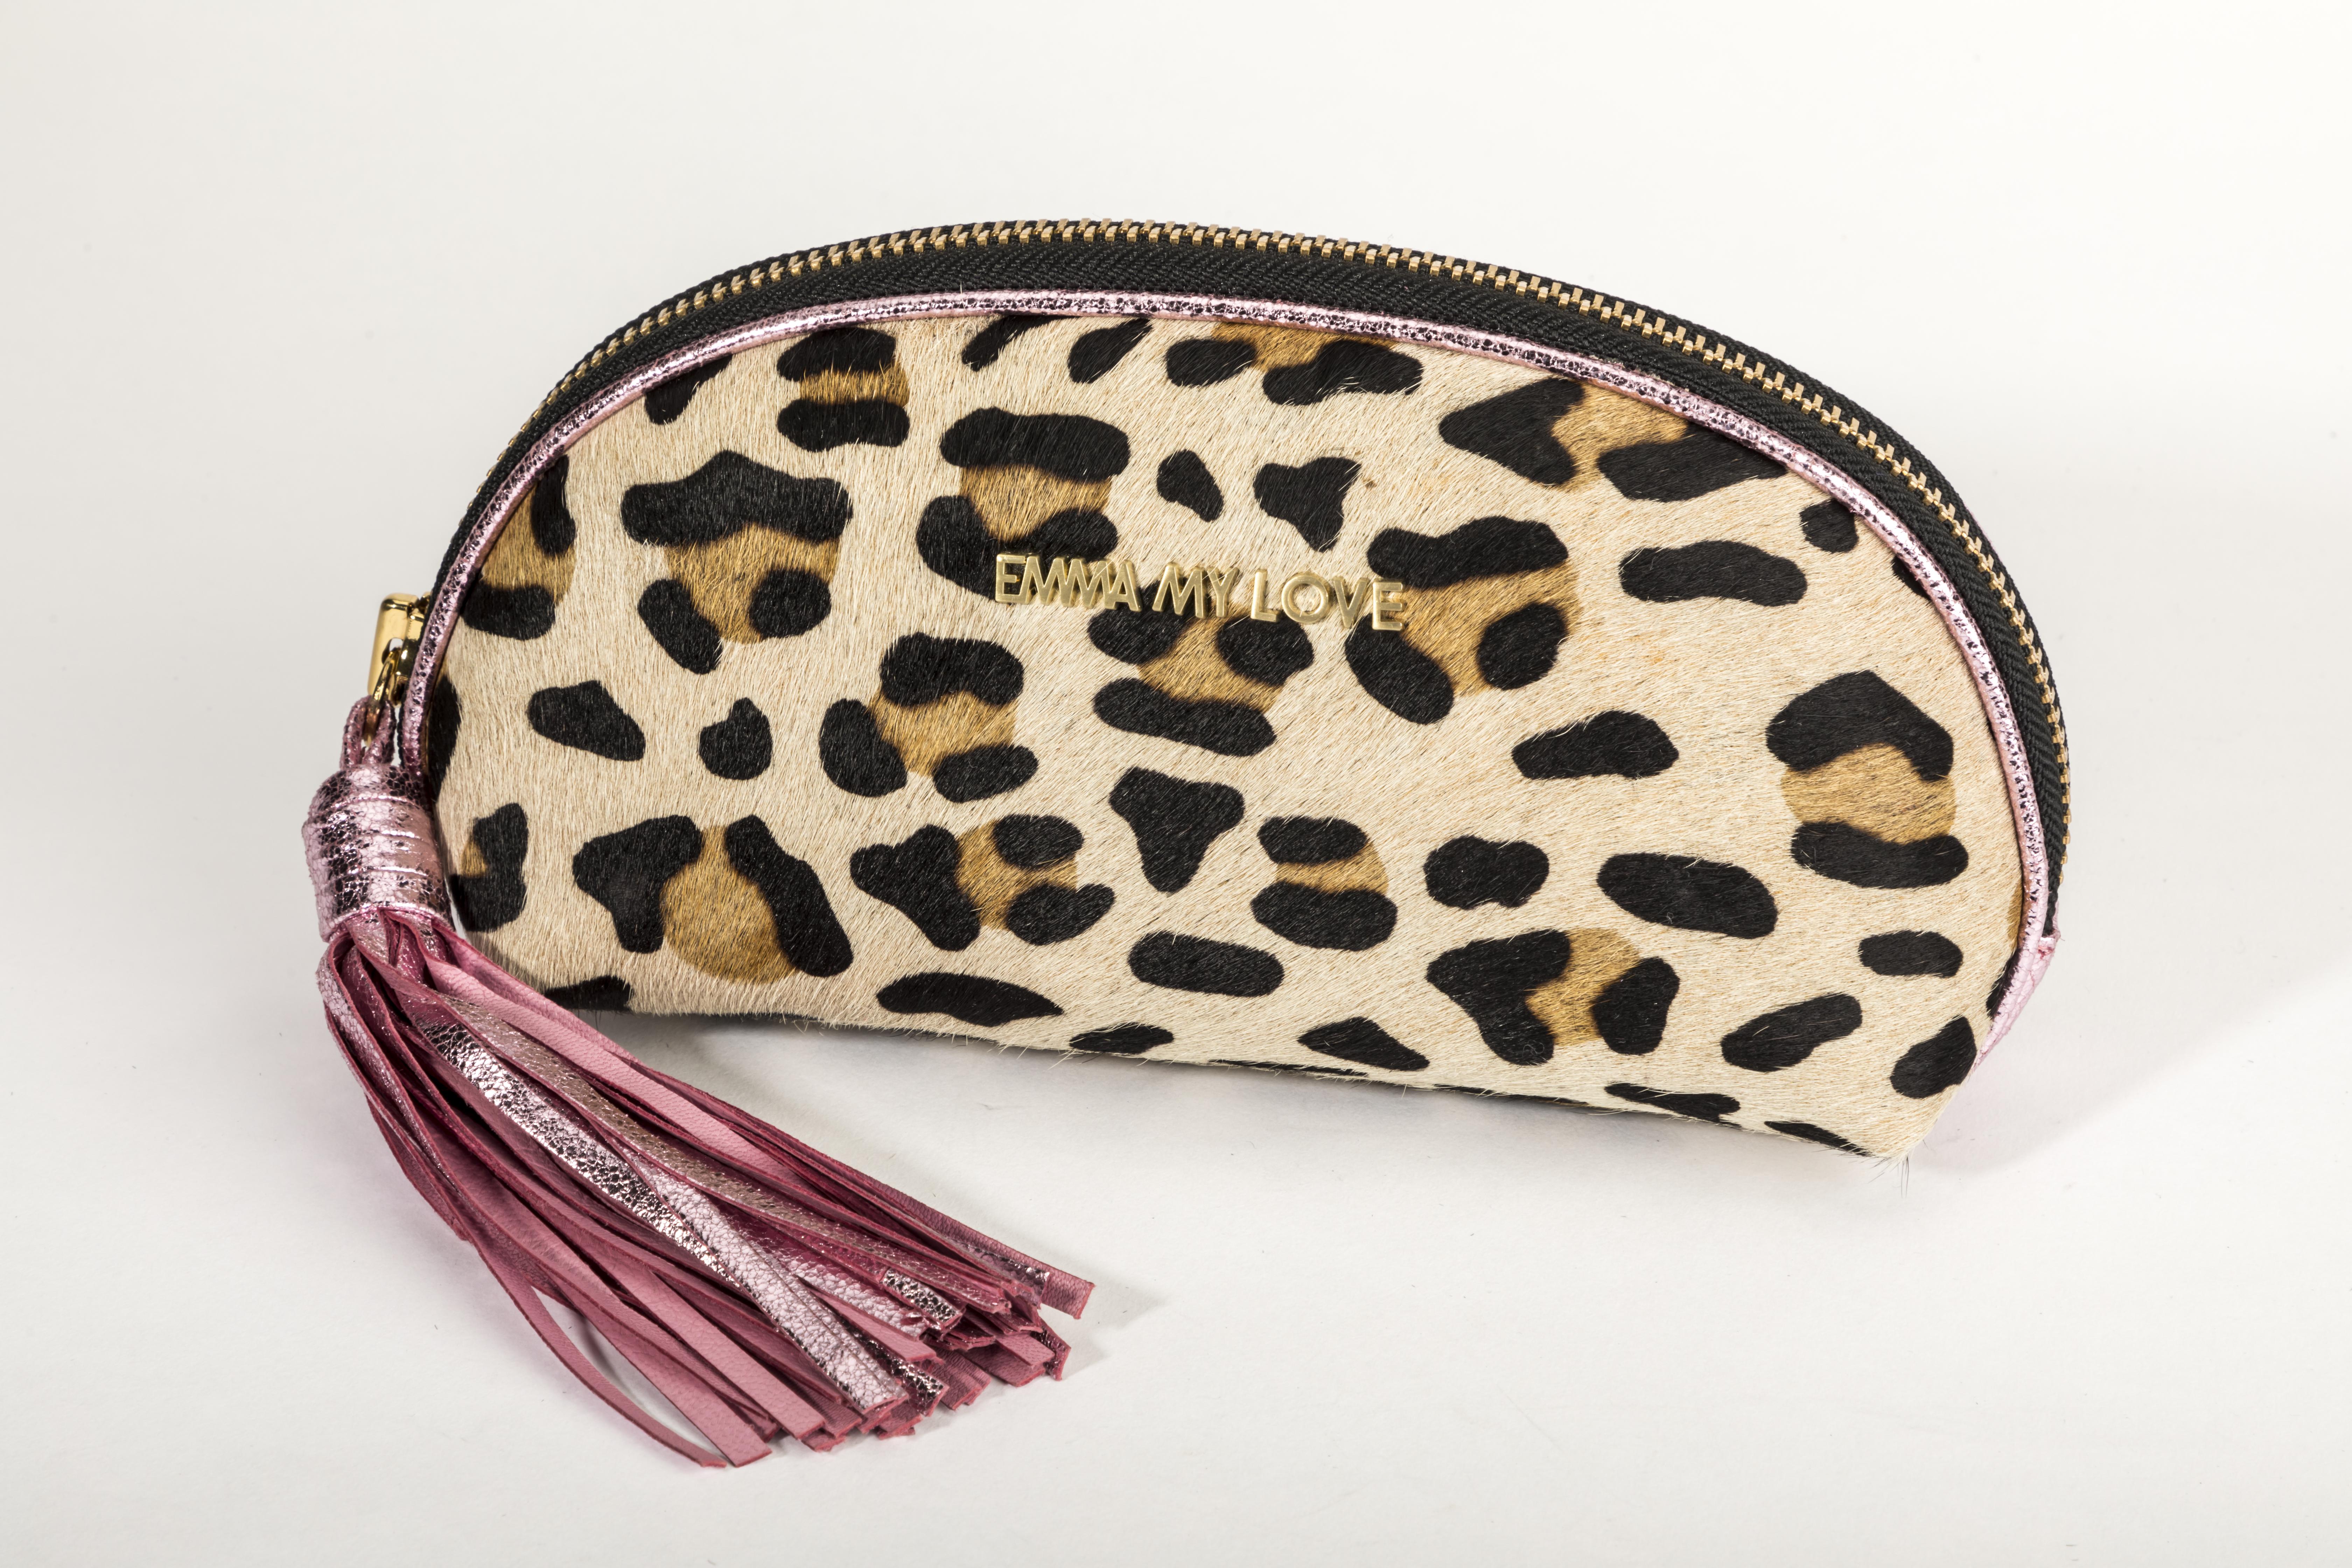 Touch aus Leder und Leoparden Muster von EMMA MY LOVE